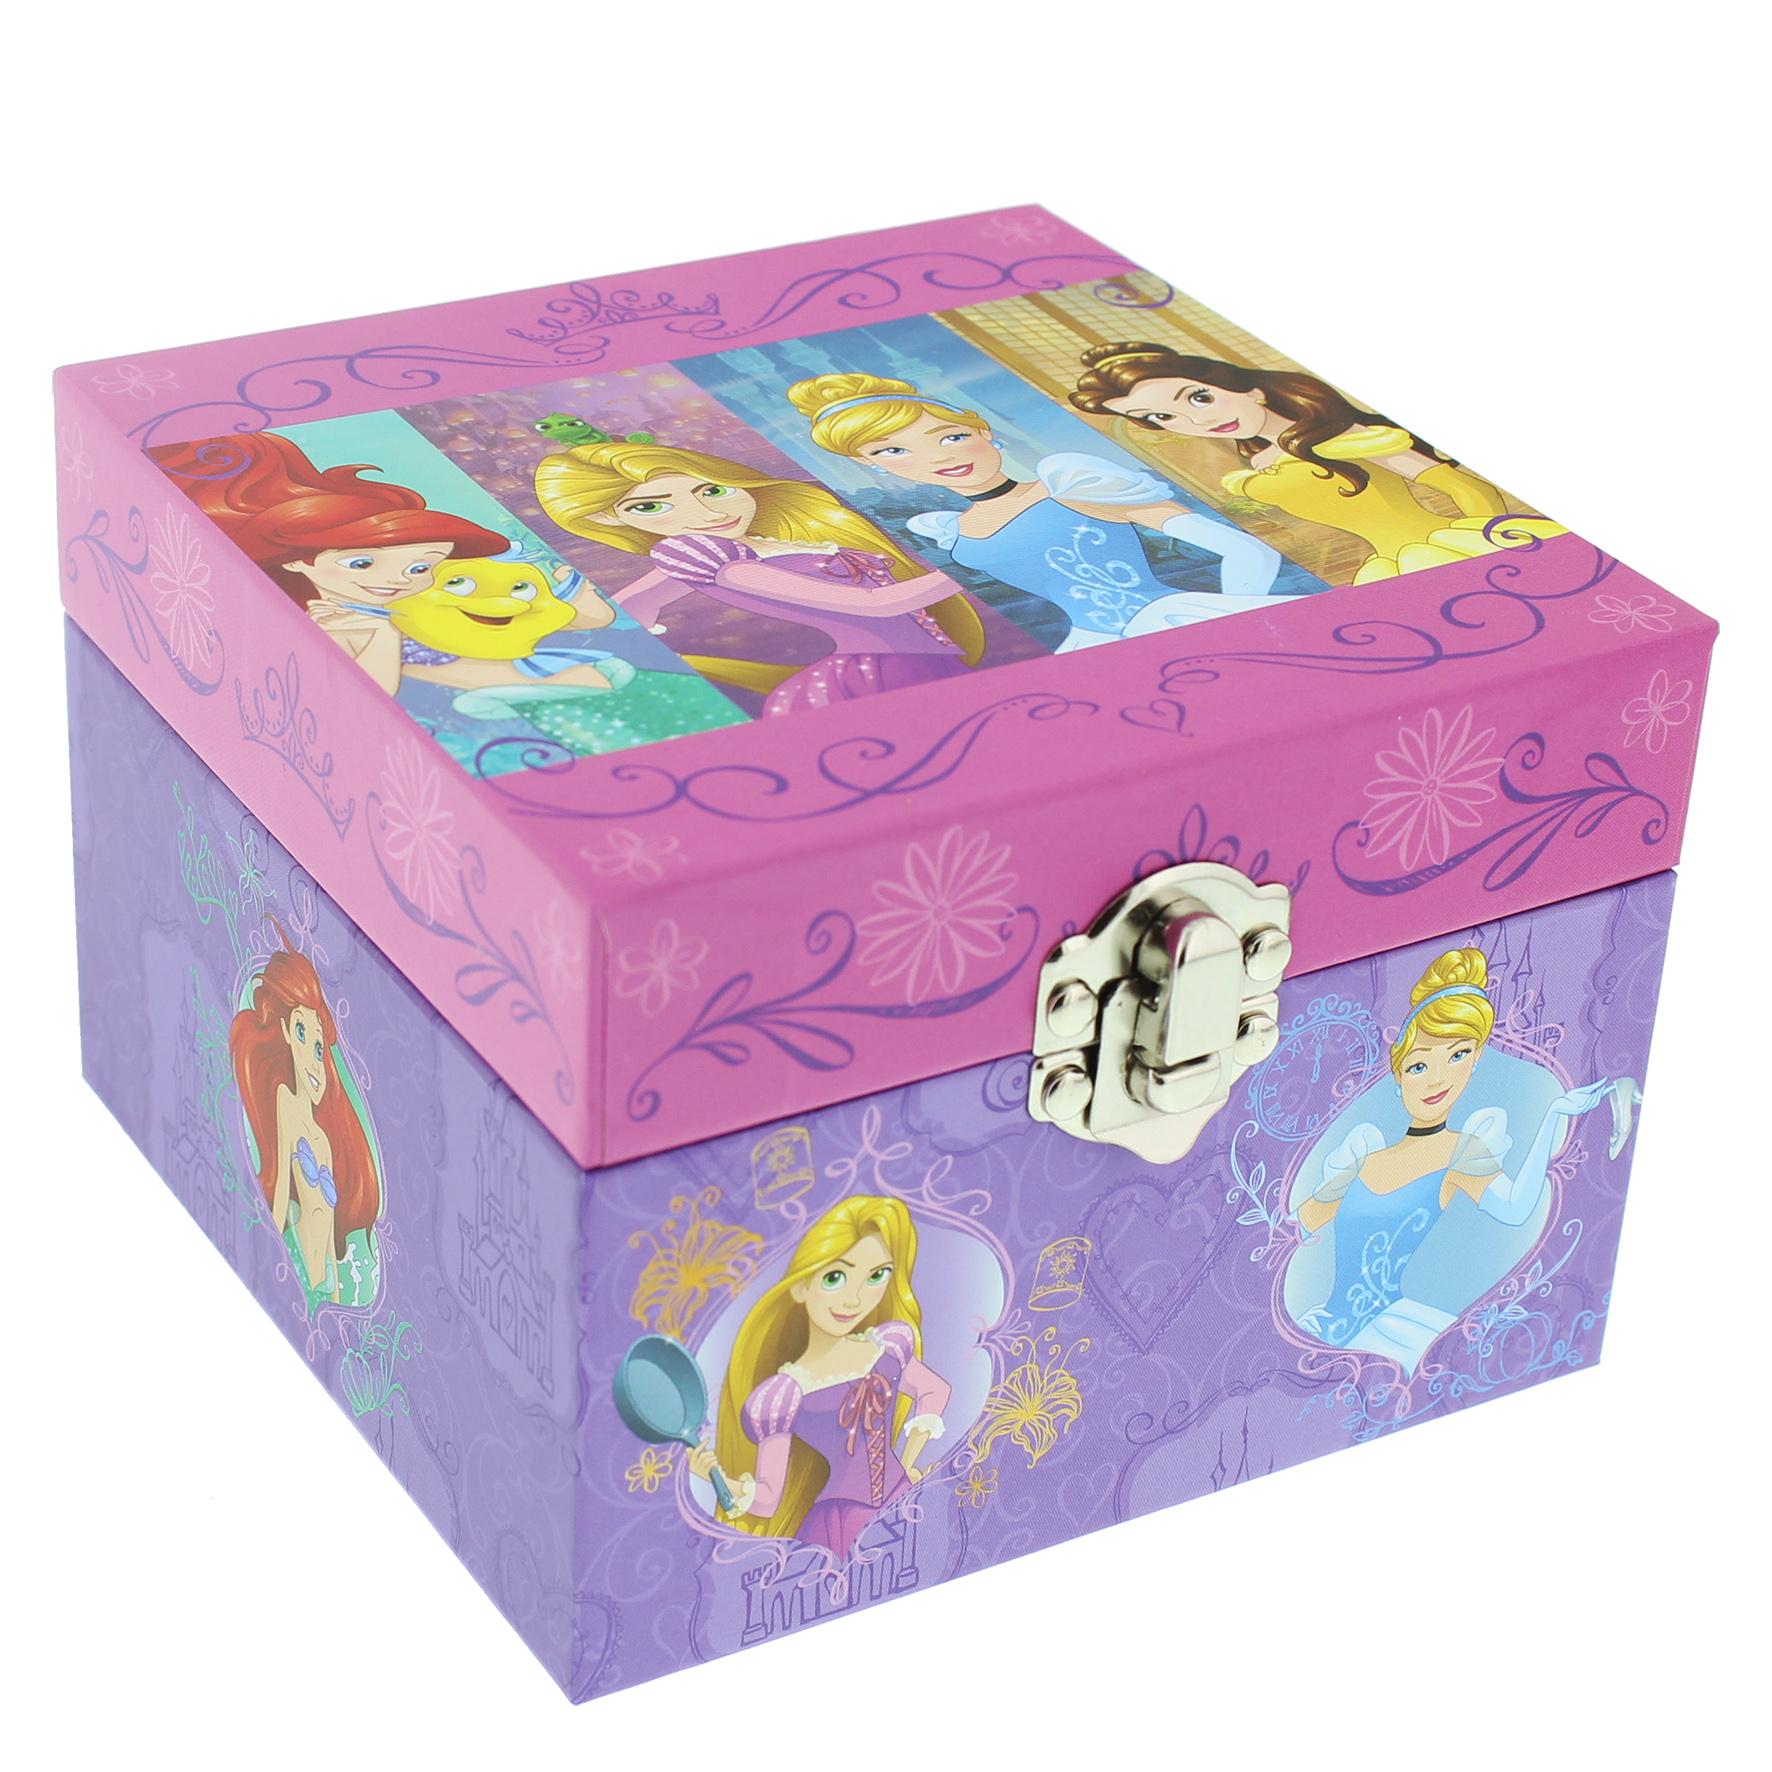 Disney Princess - Schmuckdose Prinzessin mit Spieluhr